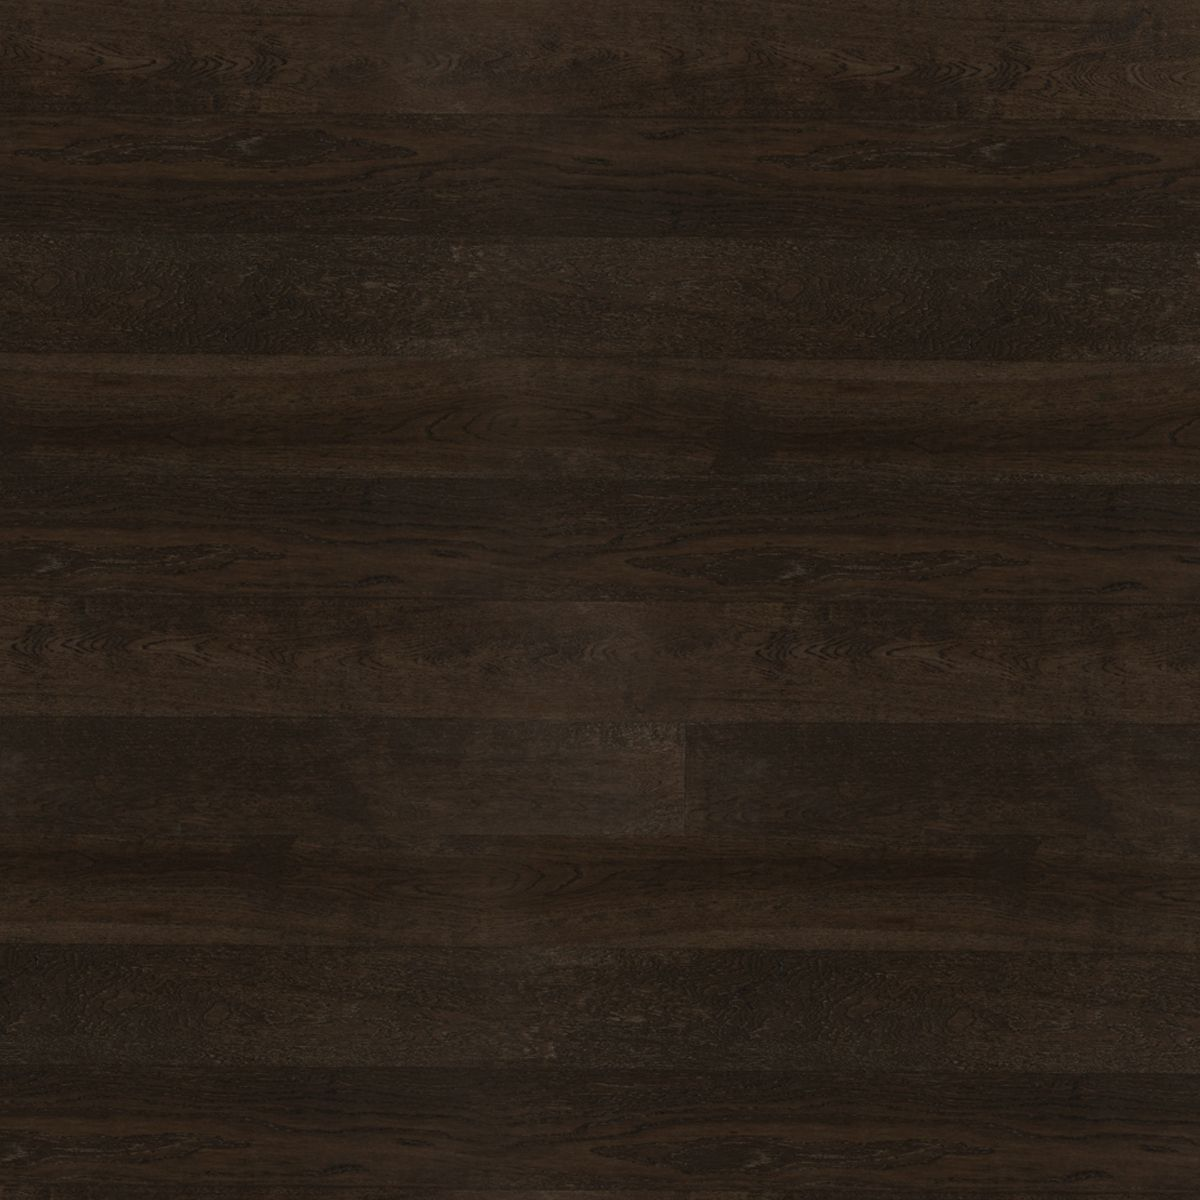 d couvrez les planchers de bois franc lauzon avec notre cit ce magnifique plancher de ch ne. Black Bedroom Furniture Sets. Home Design Ideas